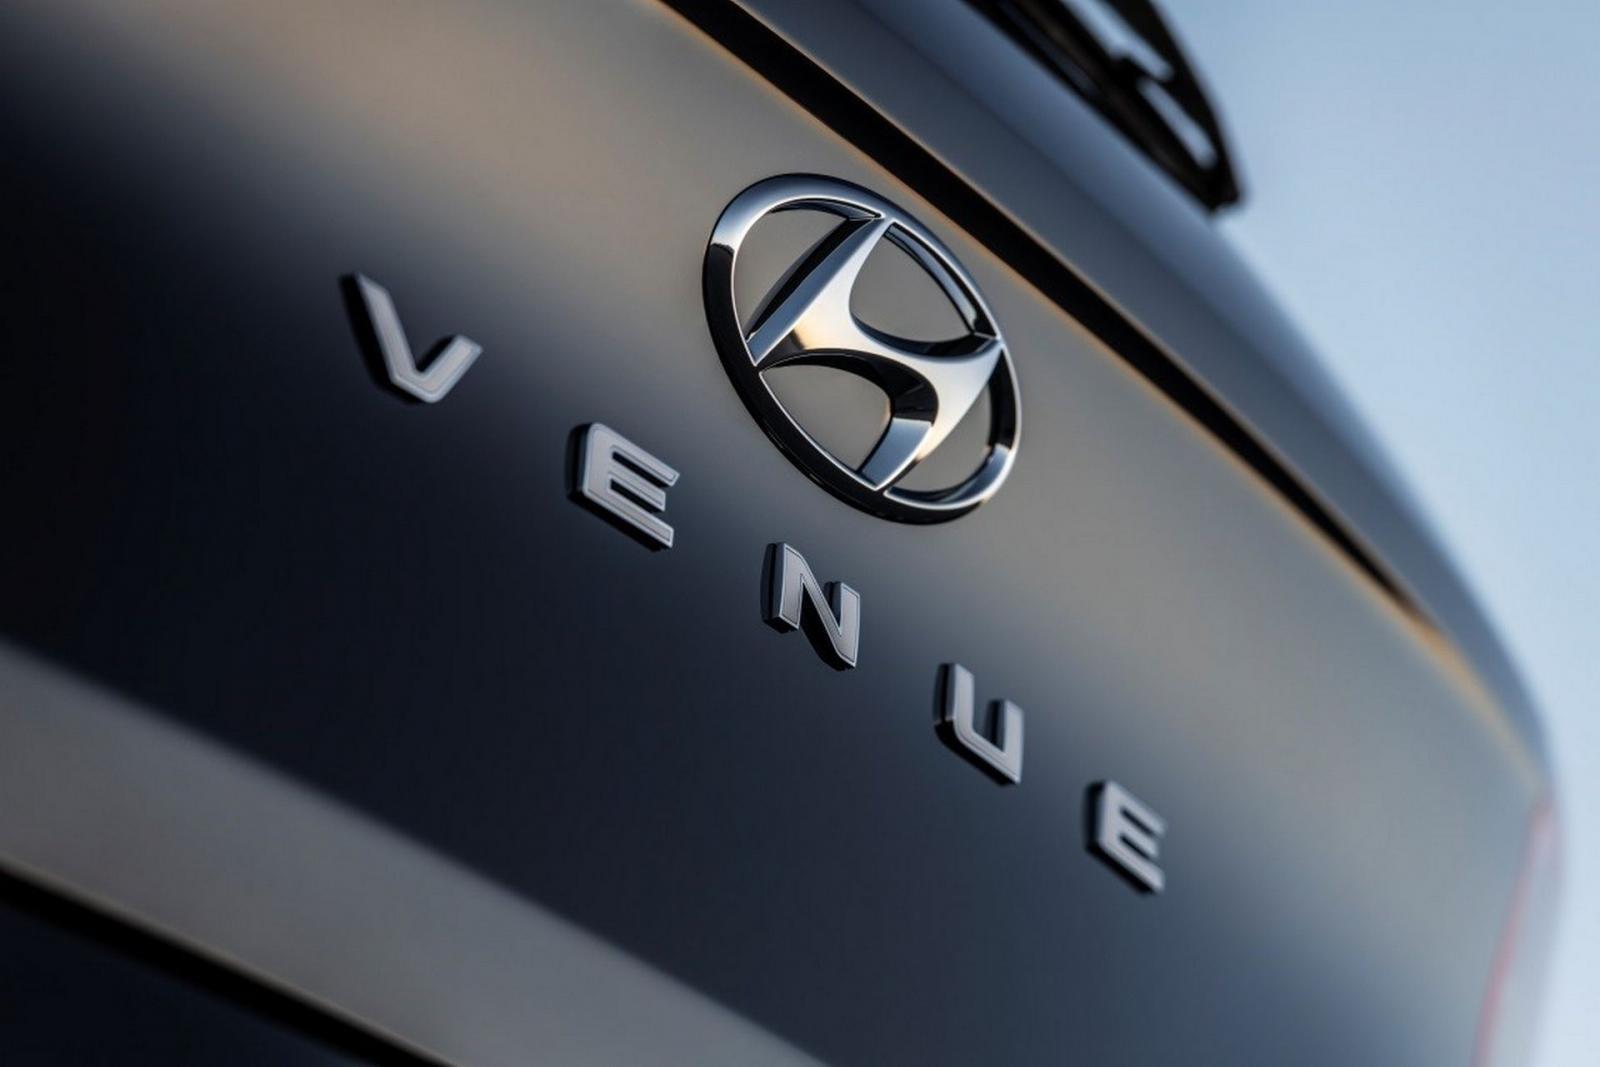 Hình ảnh hé lộ tên gọi chính thức của mẫu crossover mới nhà Hyundai